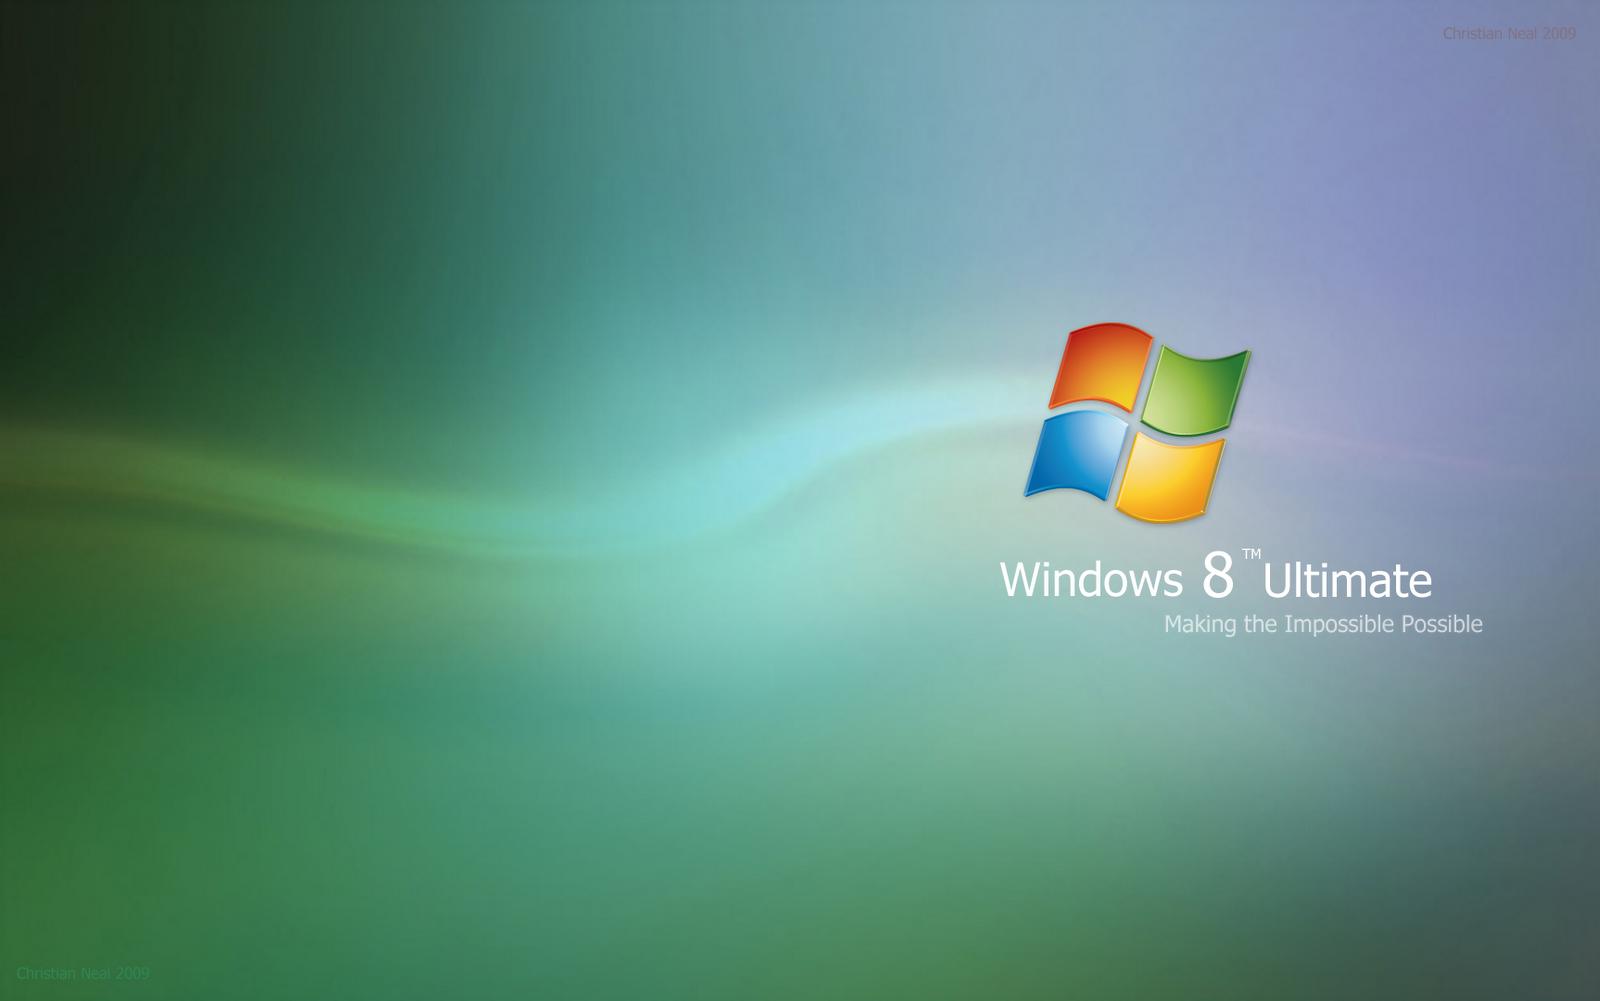 http://2.bp.blogspot.com/-HRHPel1_fRM/TbX1U6VJffI/AAAAAAAAS6E/JytmvS3Xn3A/s1600/windows_8_concept_v2_by_billabong15.png